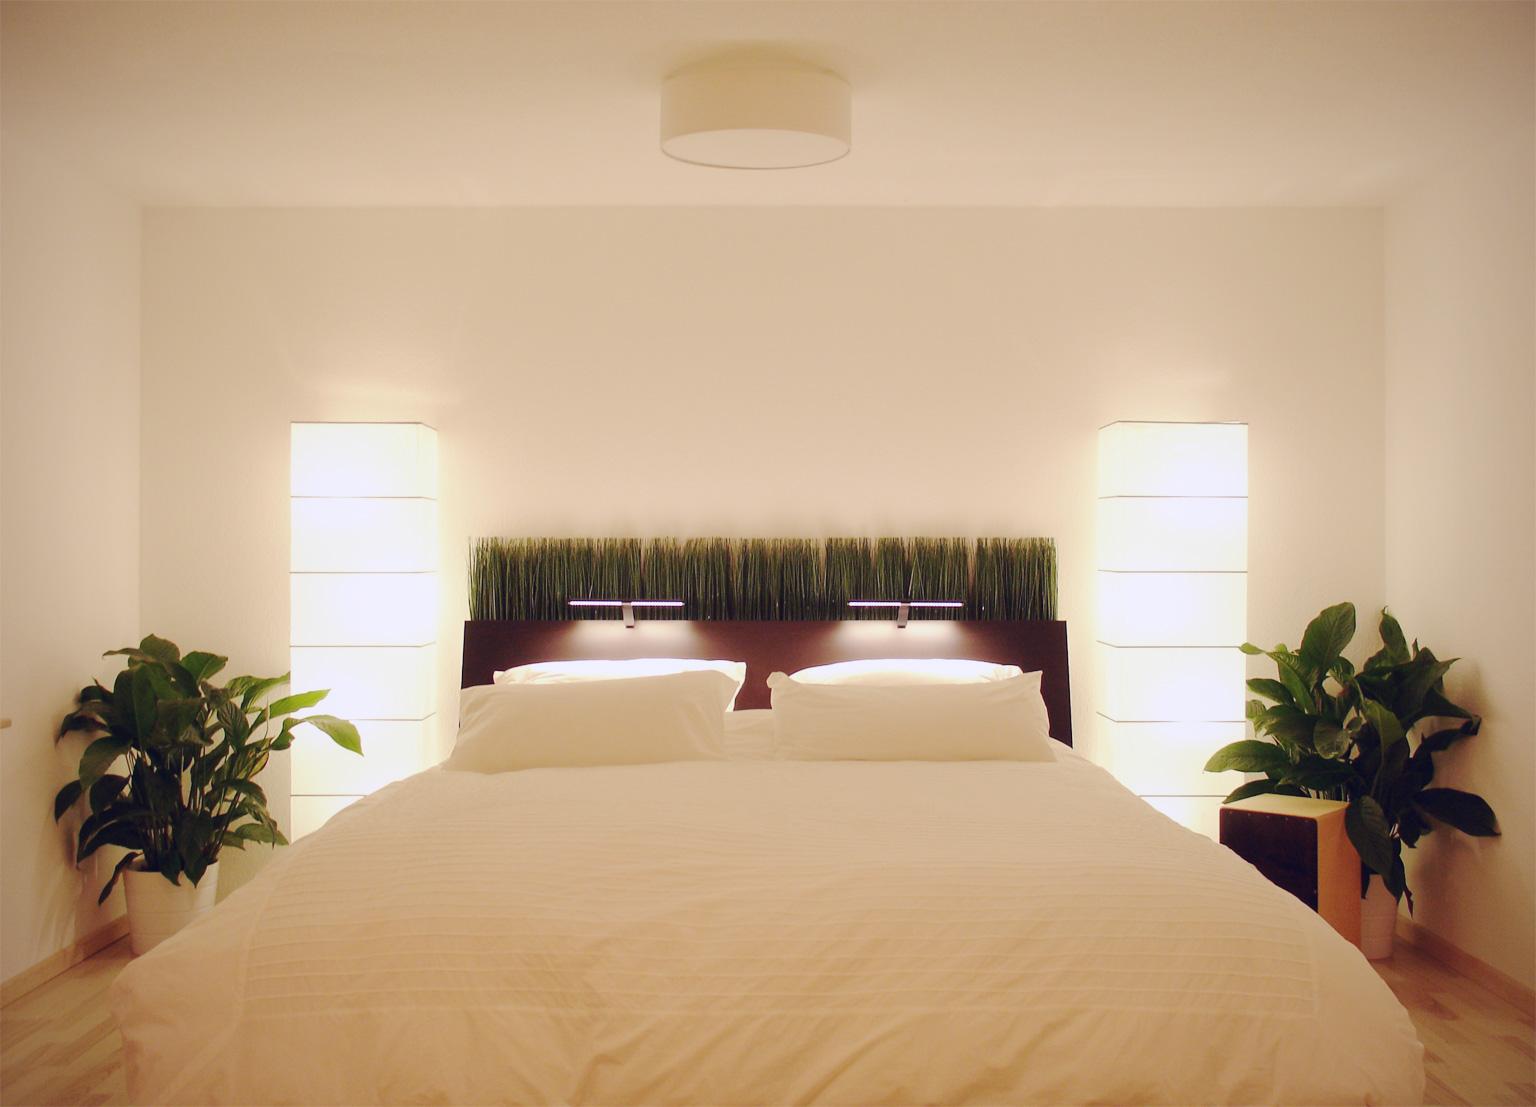 ribba oppdal get home decorating. Black Bedroom Furniture Sets. Home Design Ideas